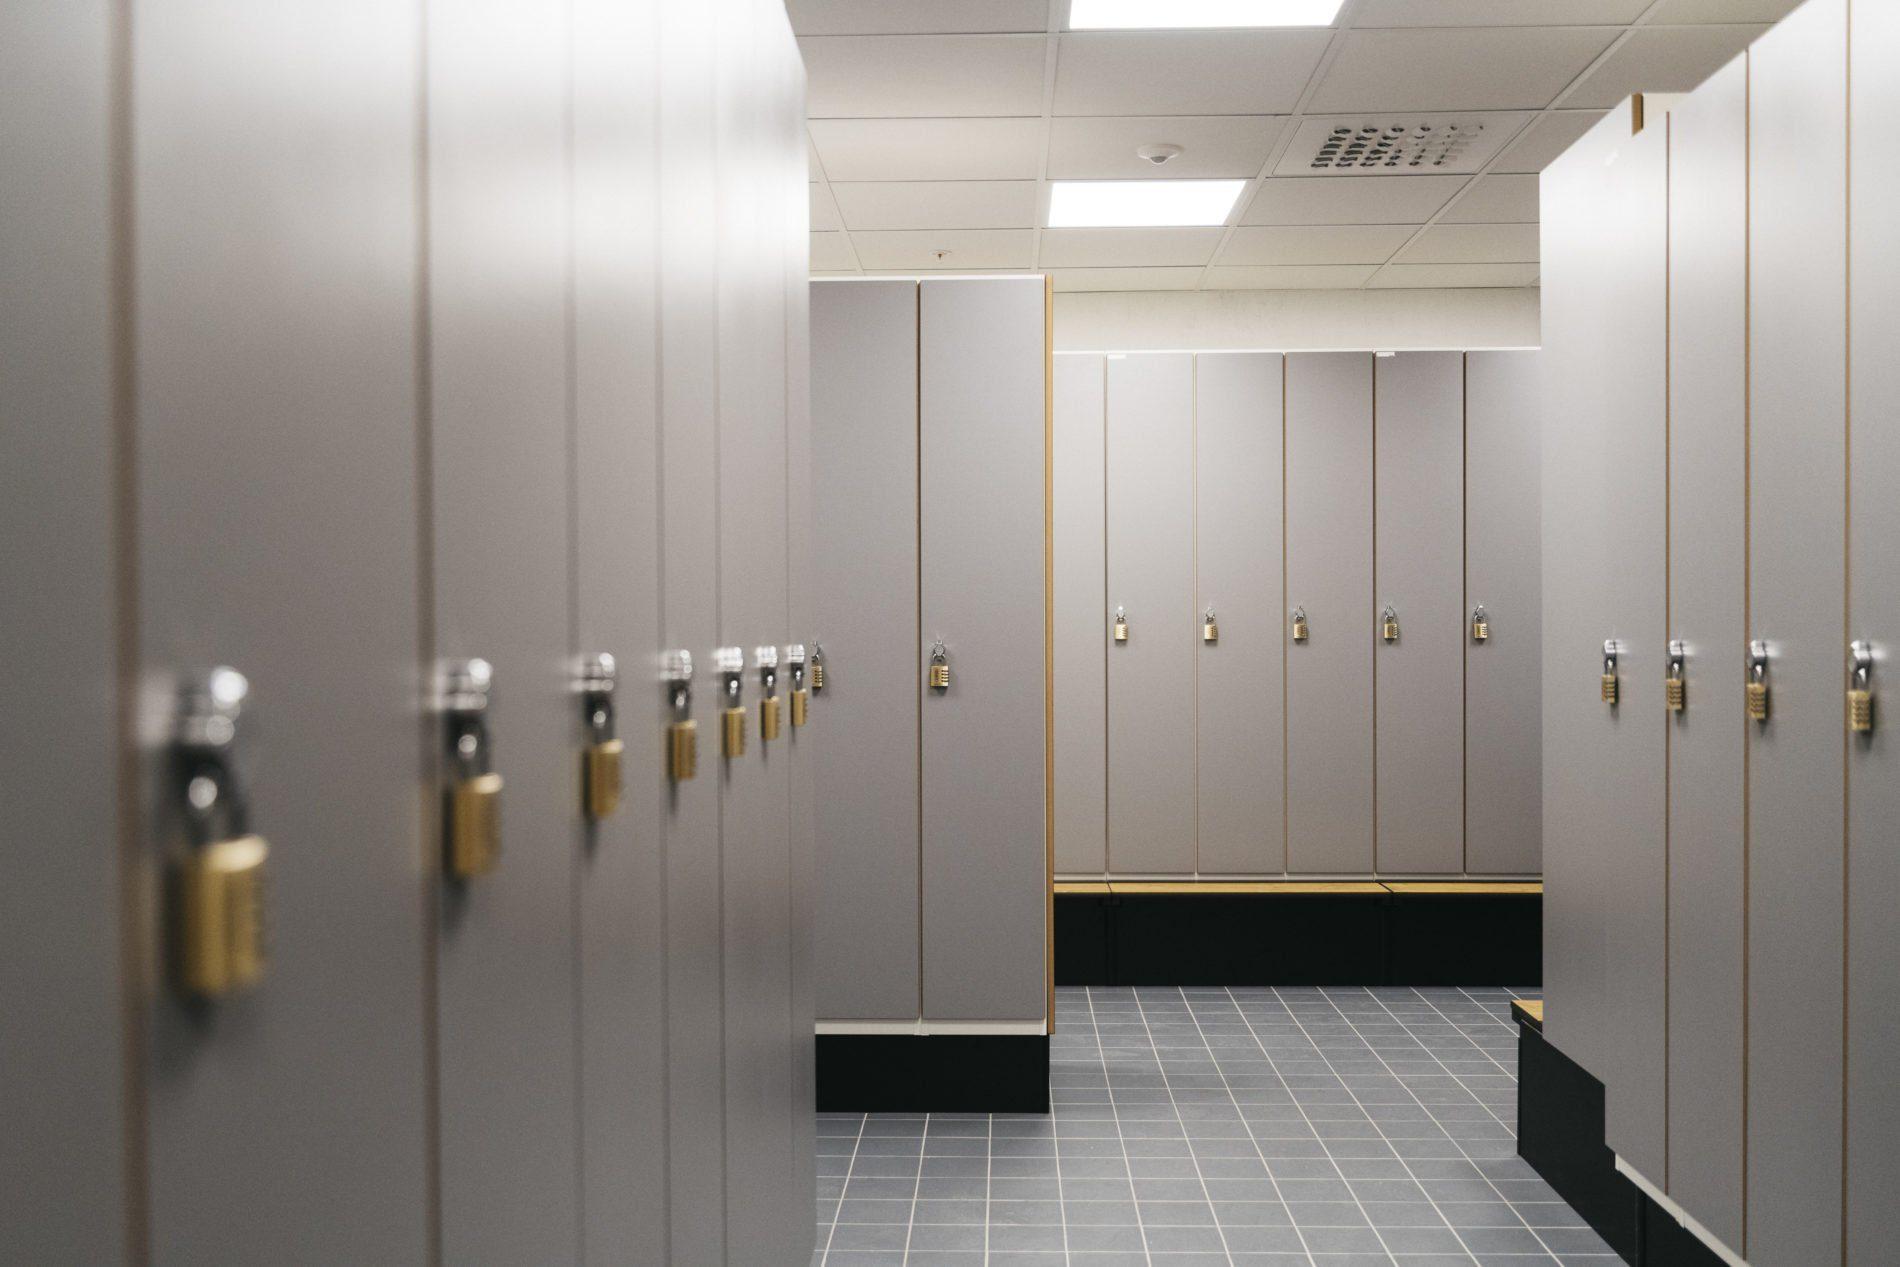 Omklädningsrum med låsbara skåp i anslutning till dusch